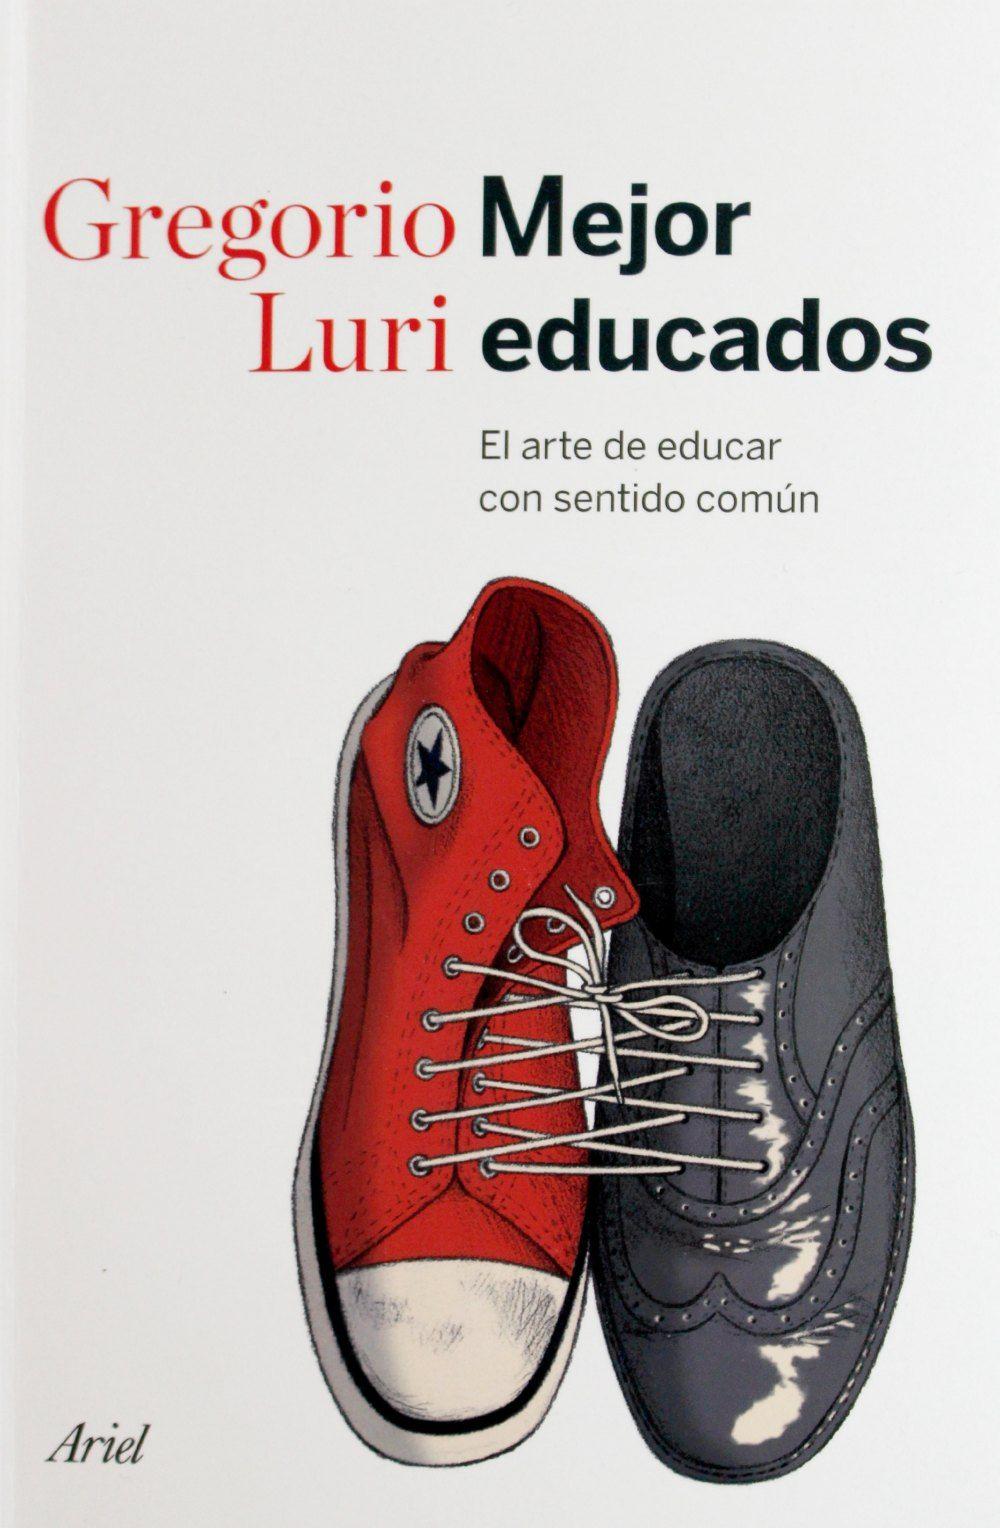 Mejor educados: el arte de educar con sentido común, de Gregorio Luri